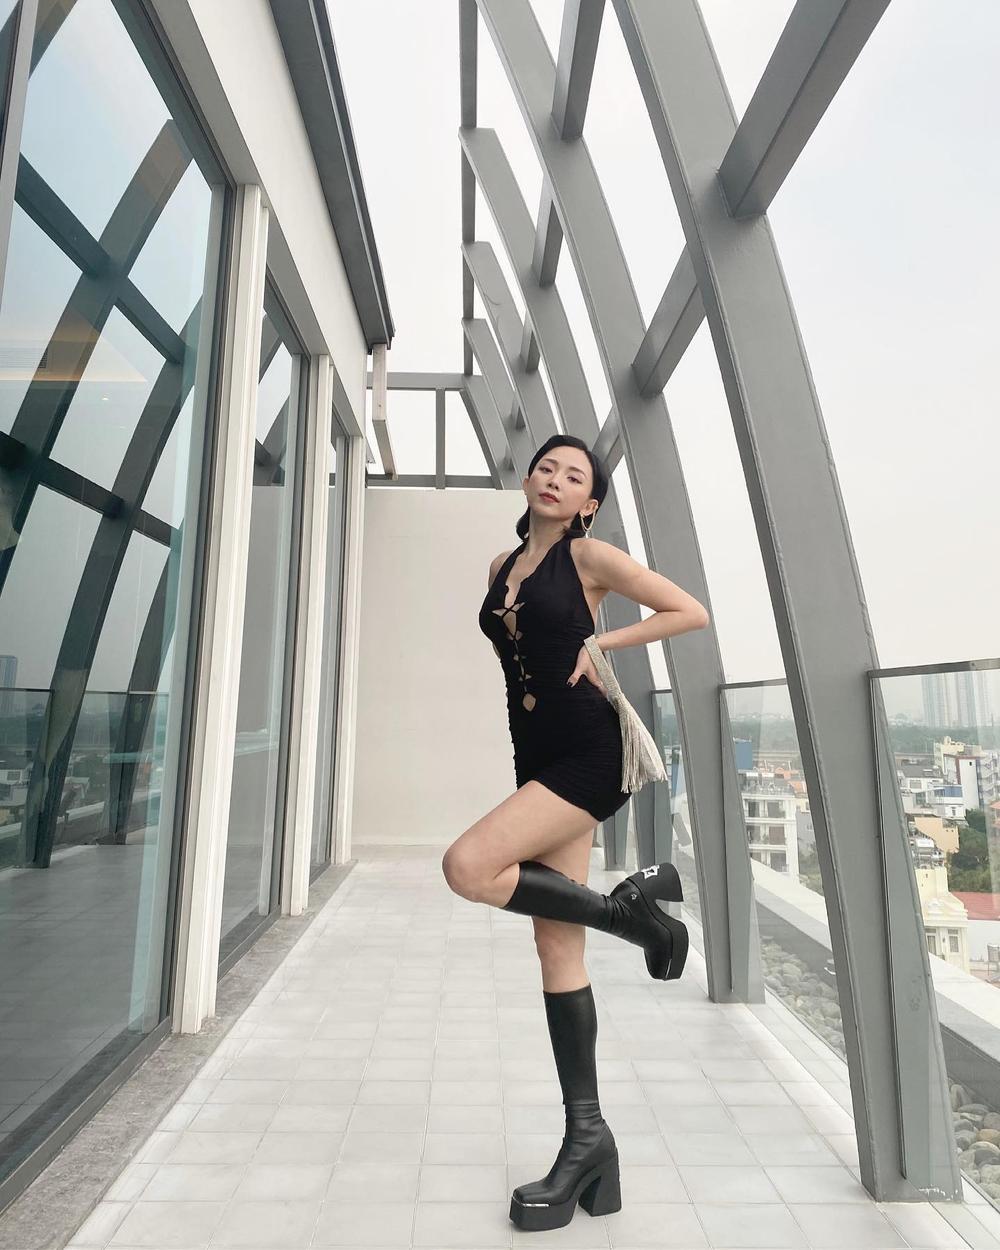 Tóc Tiên khoe khéo vóc dáng trong mơ với bodysuit đan dây chéo ngực Ảnh 2